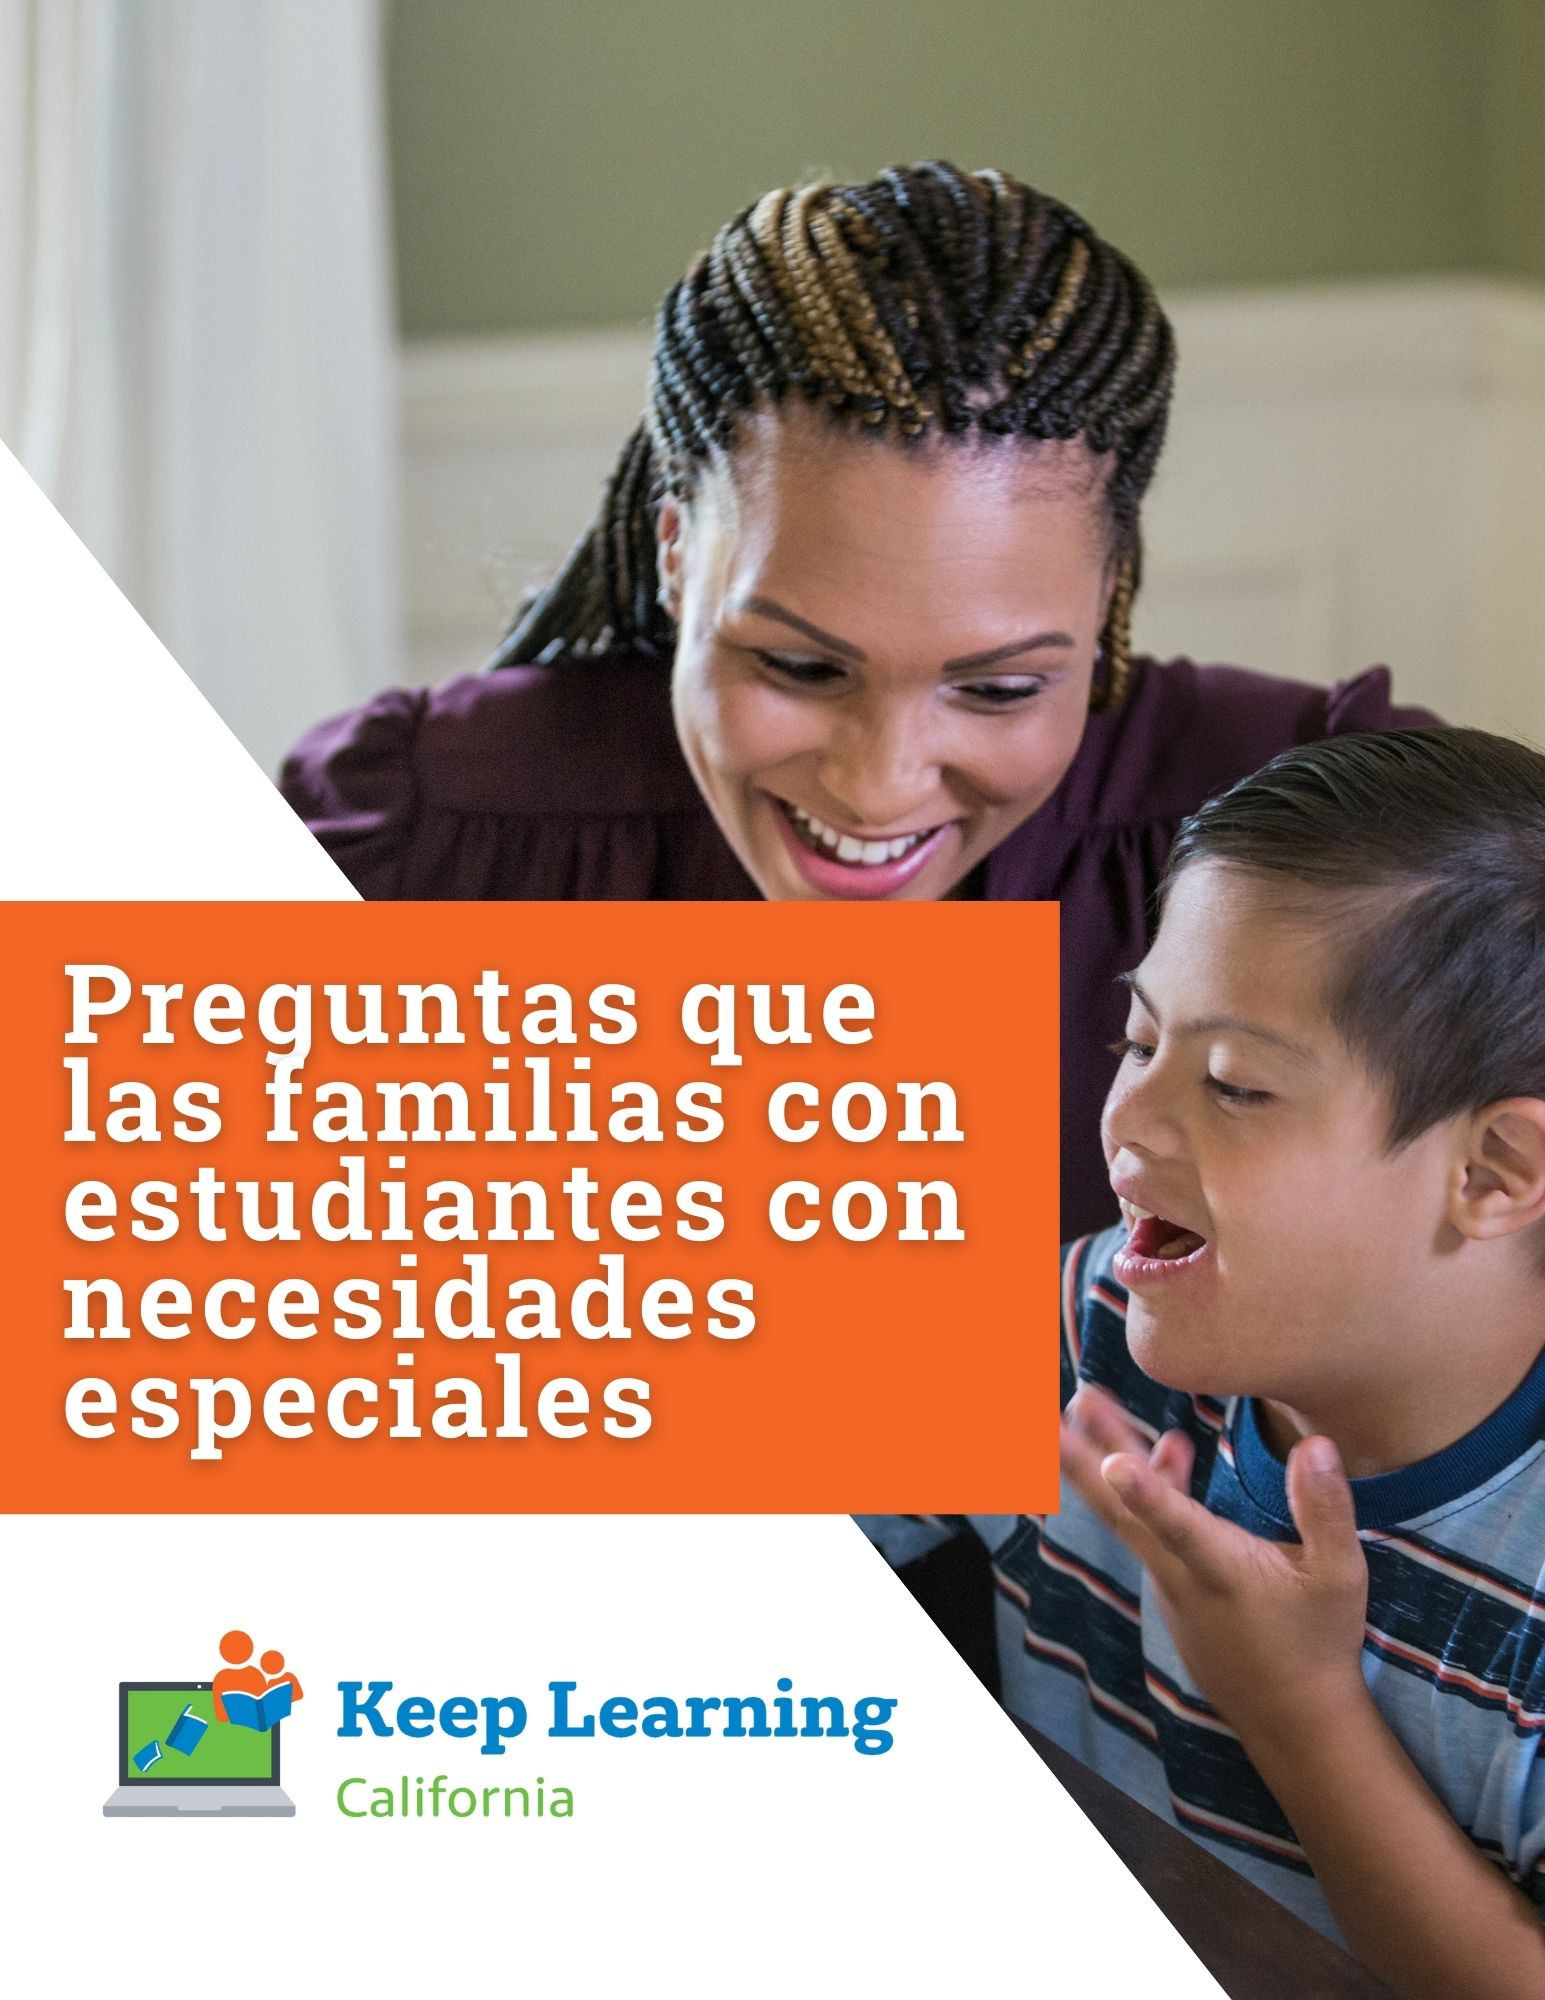 PDF – Preguntas que las familias con estudiantes con necesidades especiales